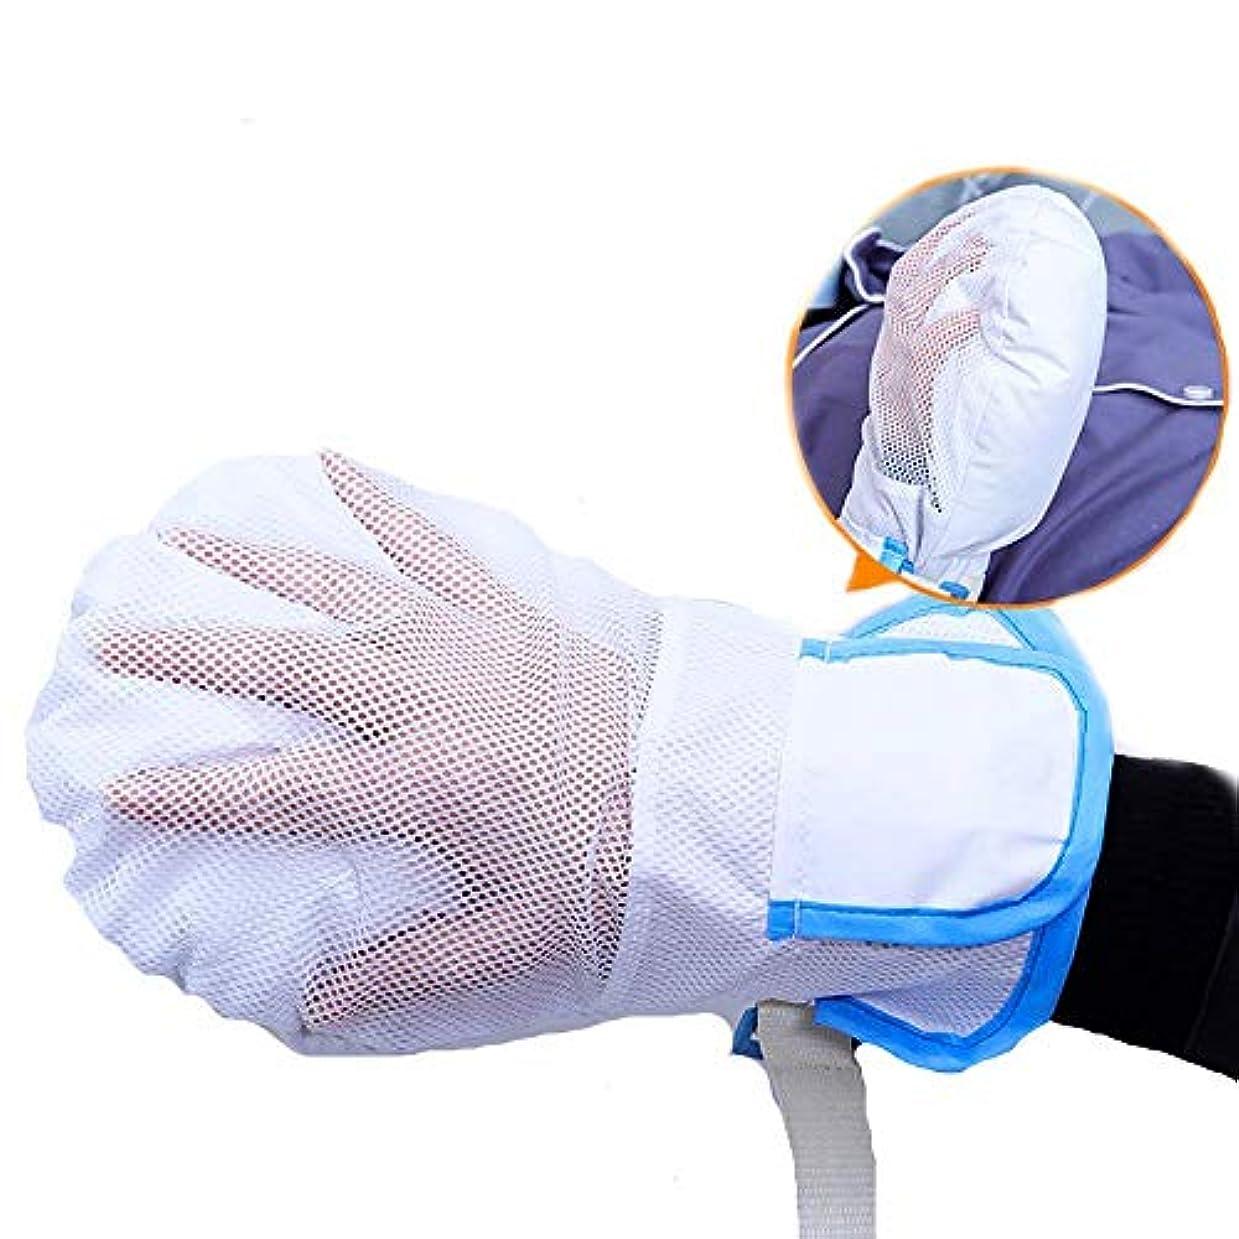 前方へモック寝てるフィンガーコントロールミット、手の拘束、認知症安全拘束手袋ハンドプロテクターを保護します。 (2PCS)